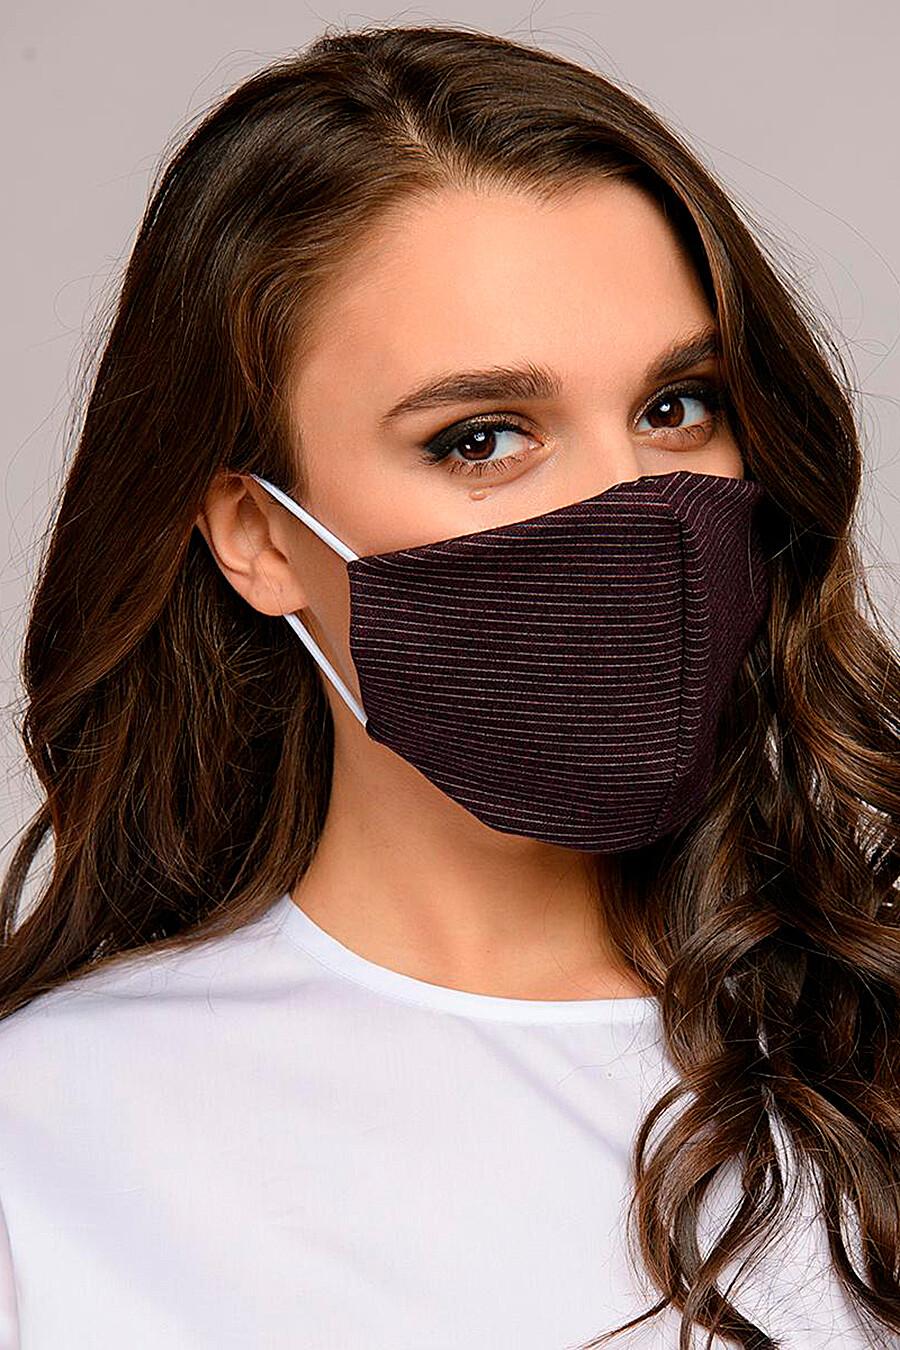 Маска (не медицинская) для женщин 1001 DRESS 219956 купить оптом от производителя. Совместная покупка женской одежды в OptMoyo